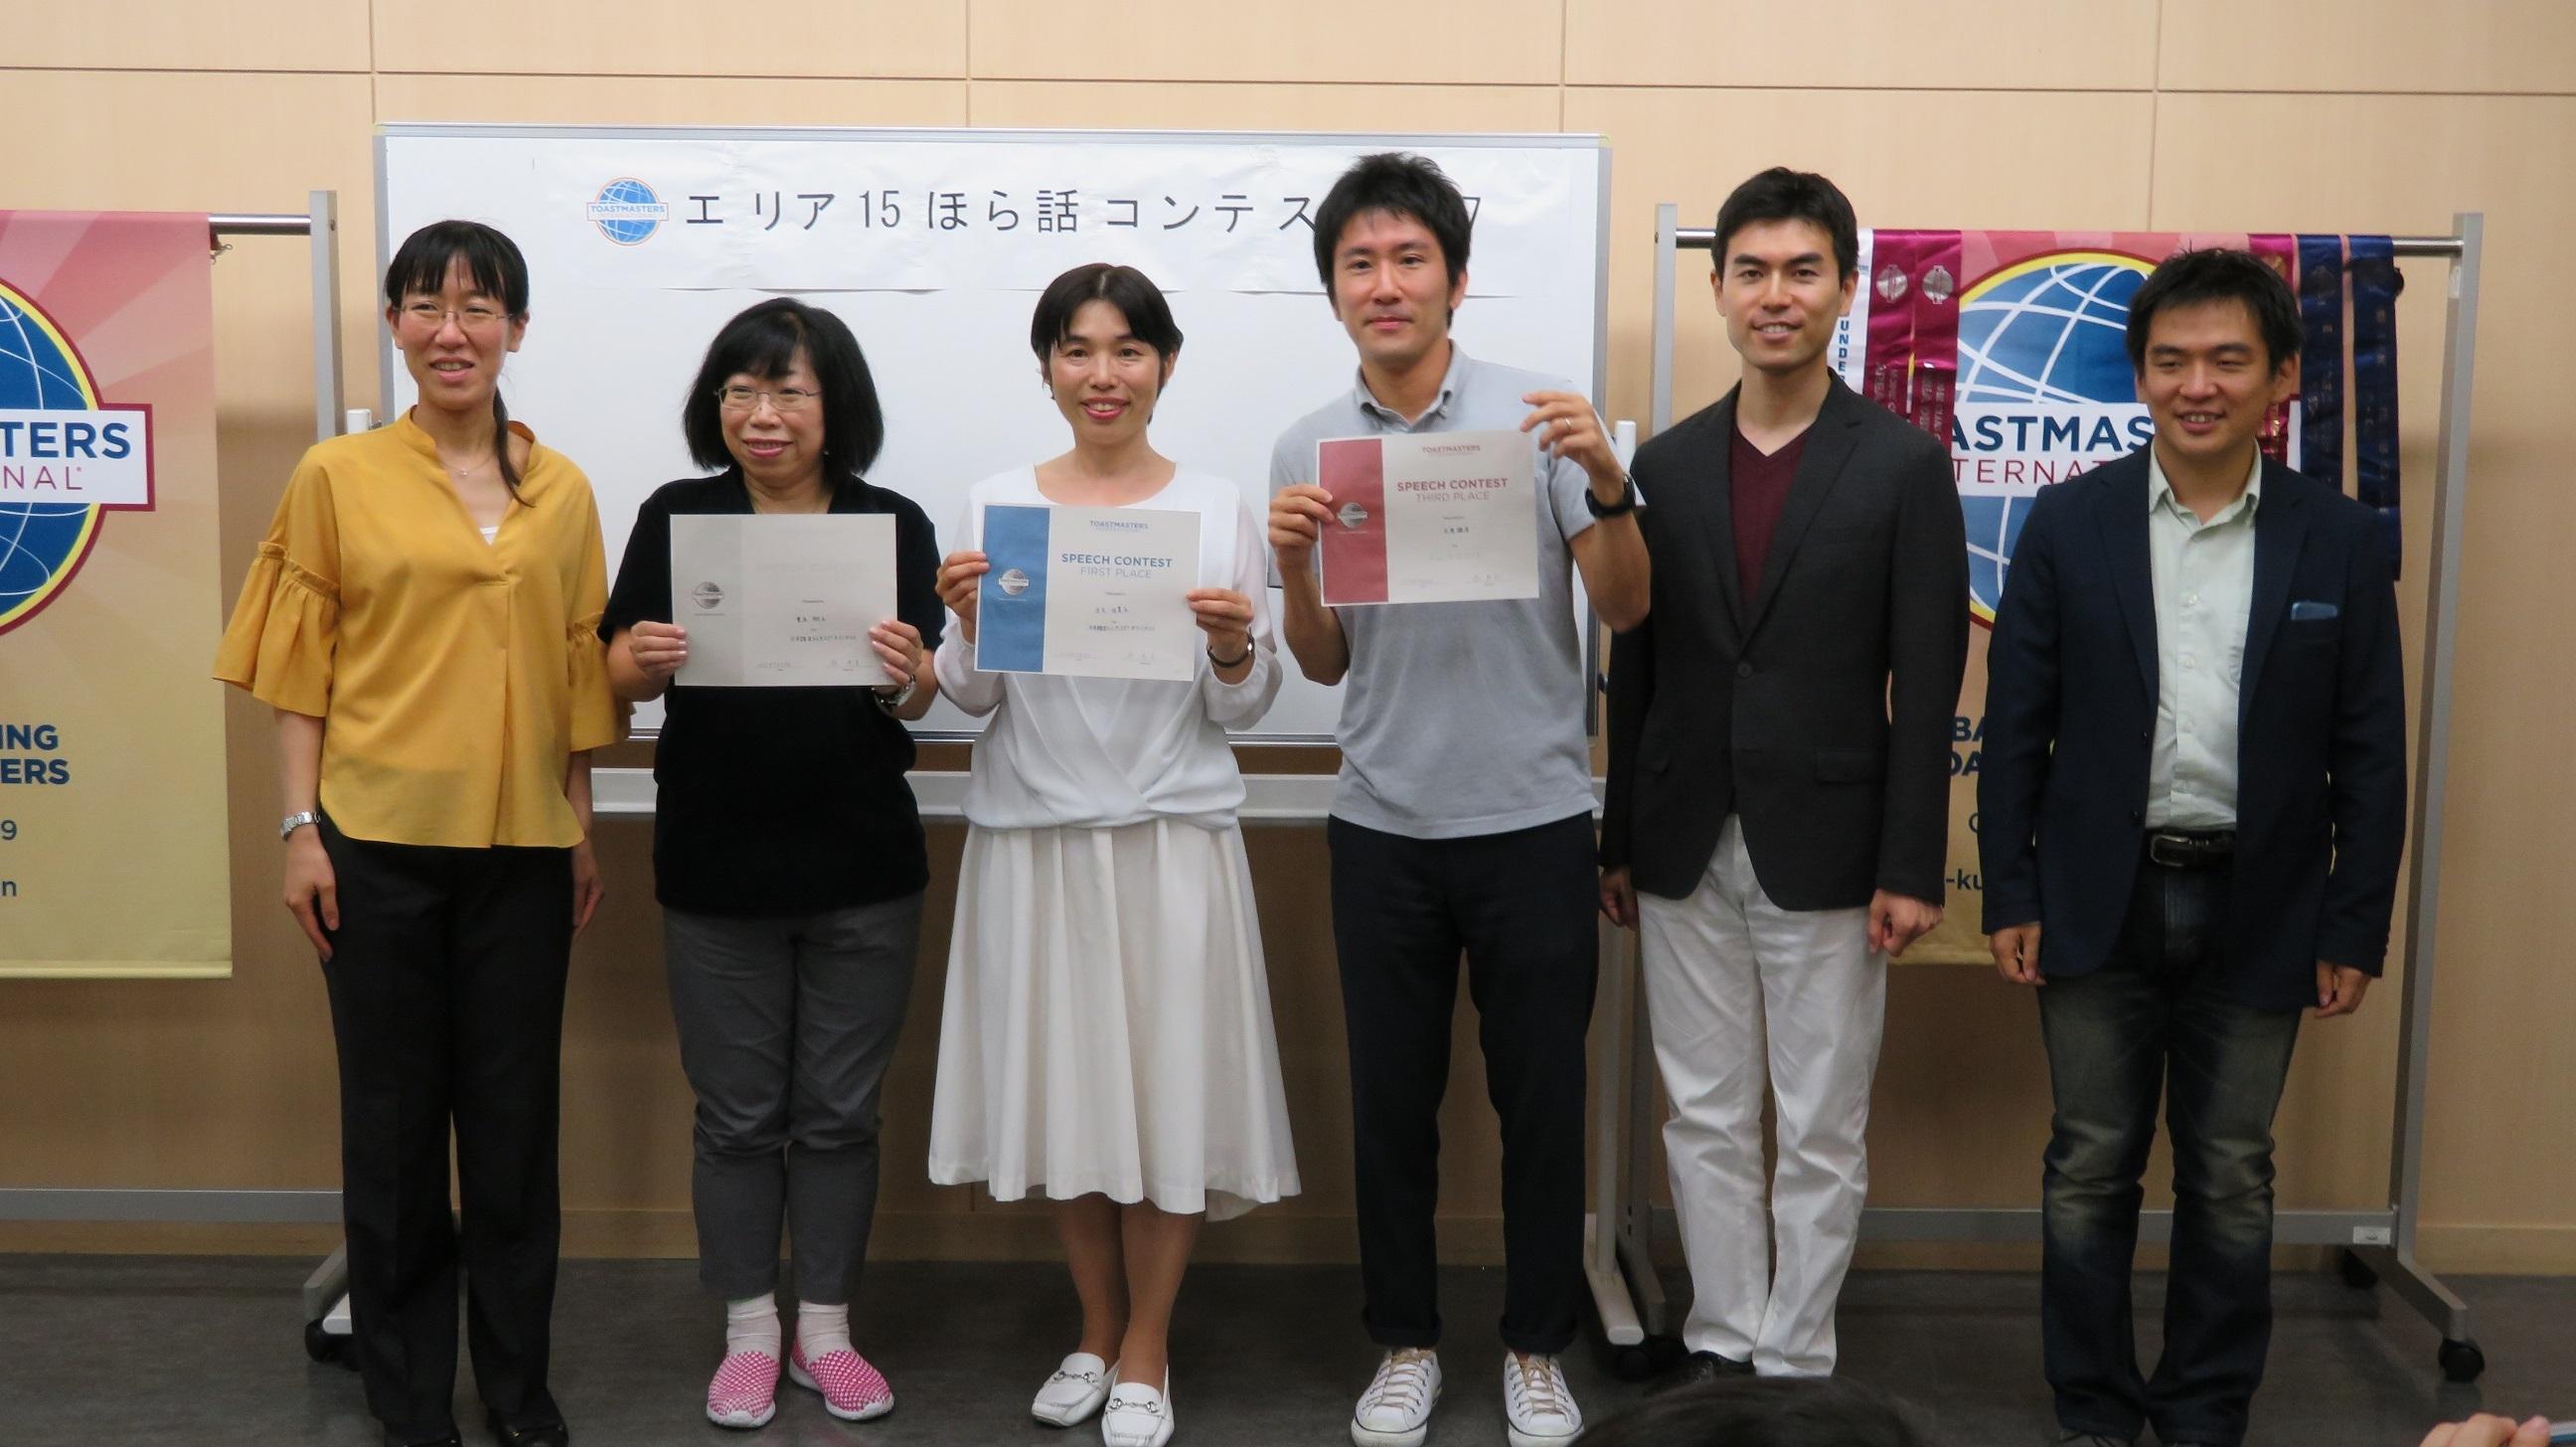 日本語入賞